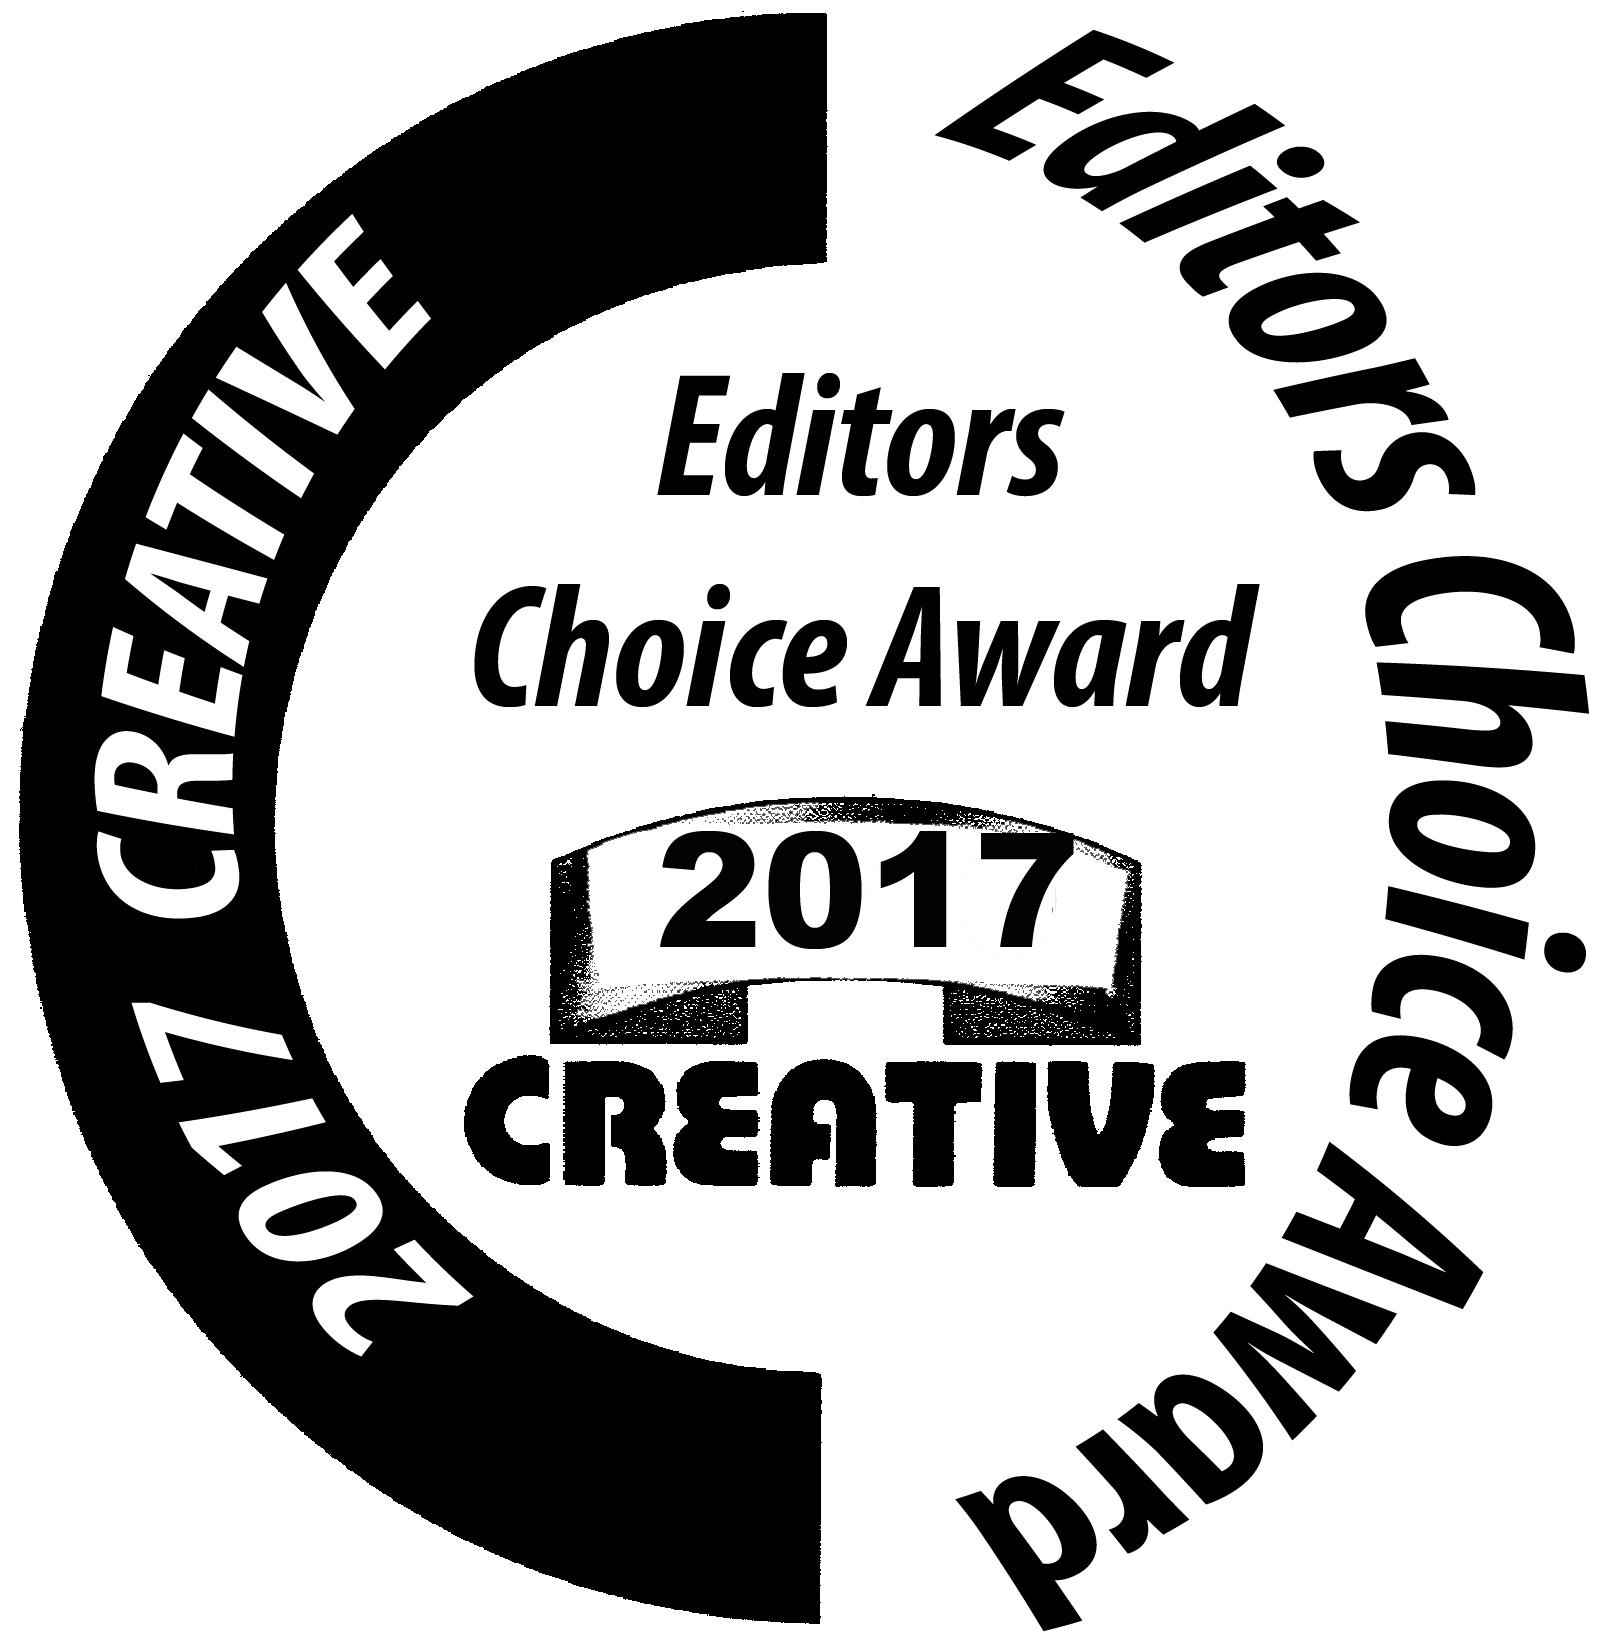 Axis Display Group Editors Choice Award Logo (1).jpg